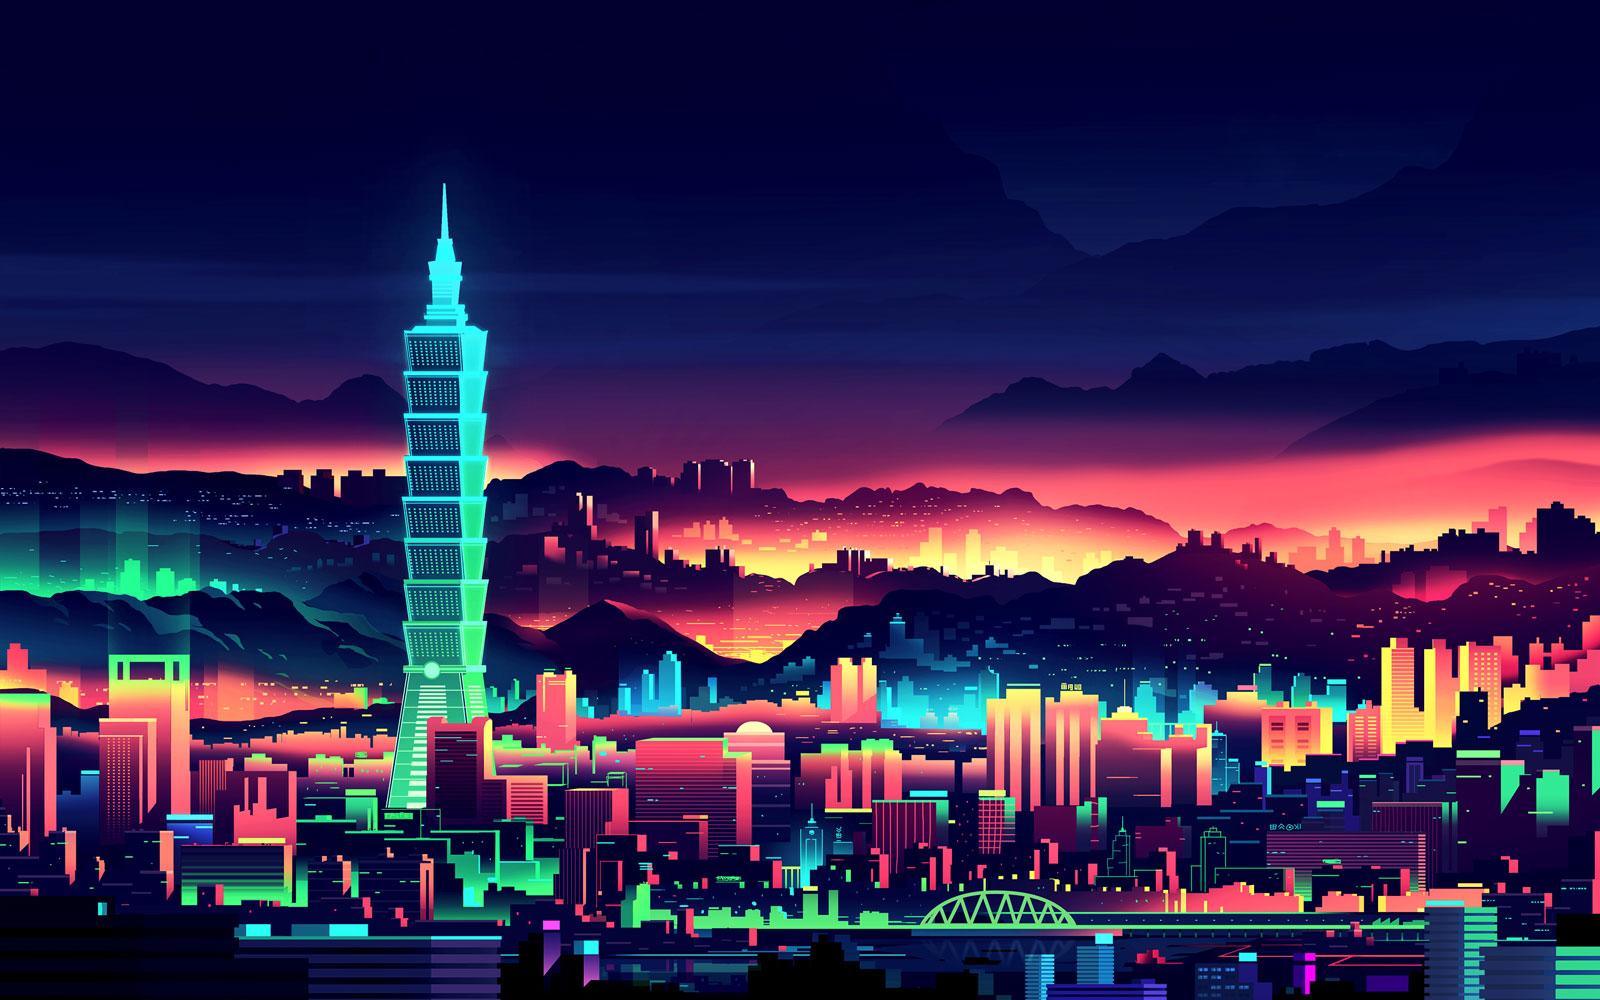 Taiwan No. 1